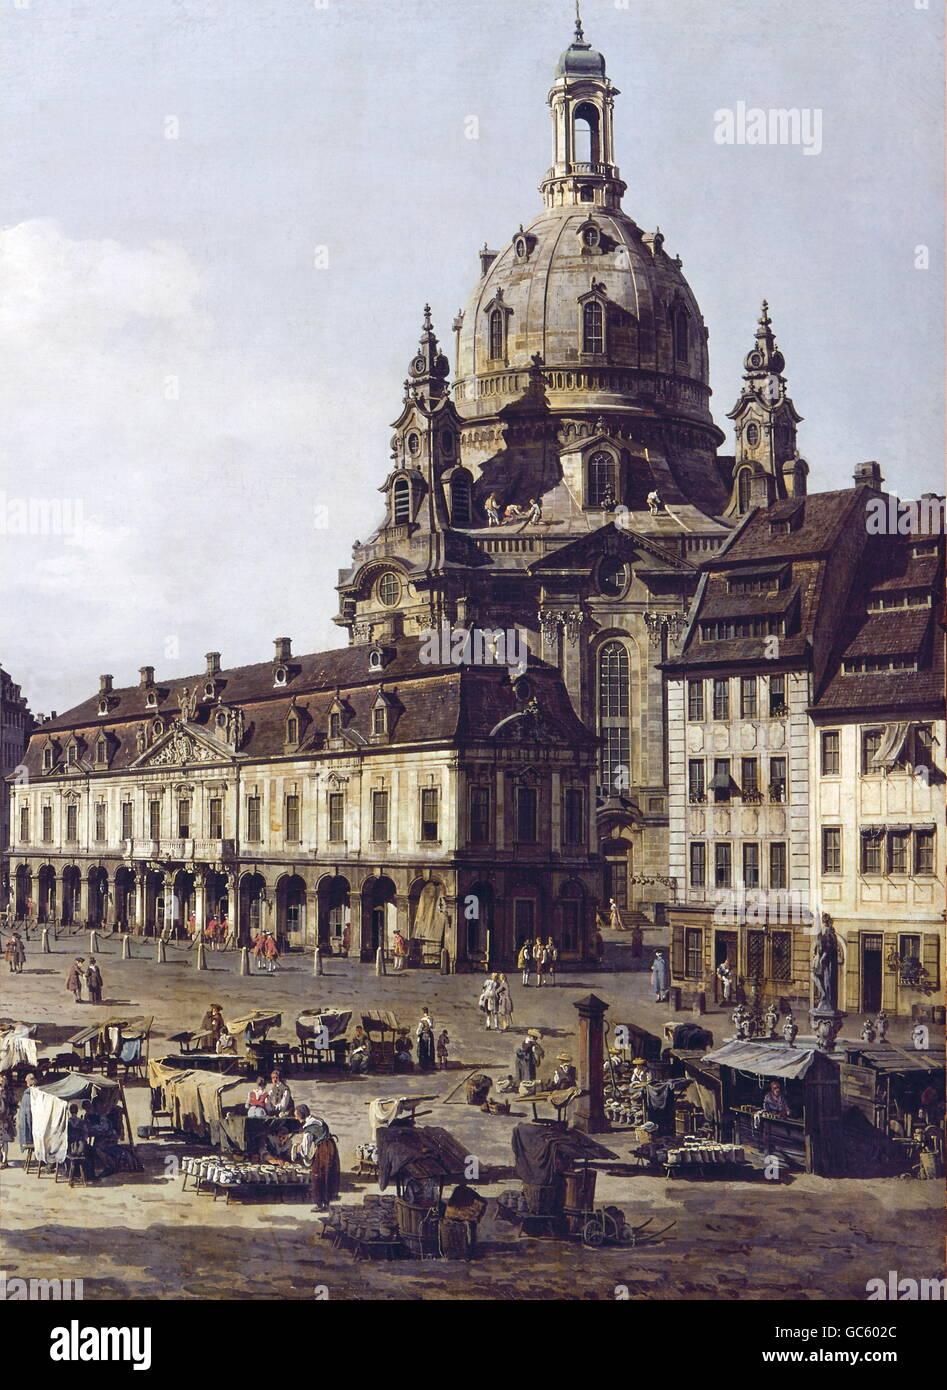 Belle arti, Bellotto, Bernardo, (chiamato: Canaletto), (20.5.1722 - 17.11.1780), pittura, 'Der Neumarkt in Dresden Immagini Stock